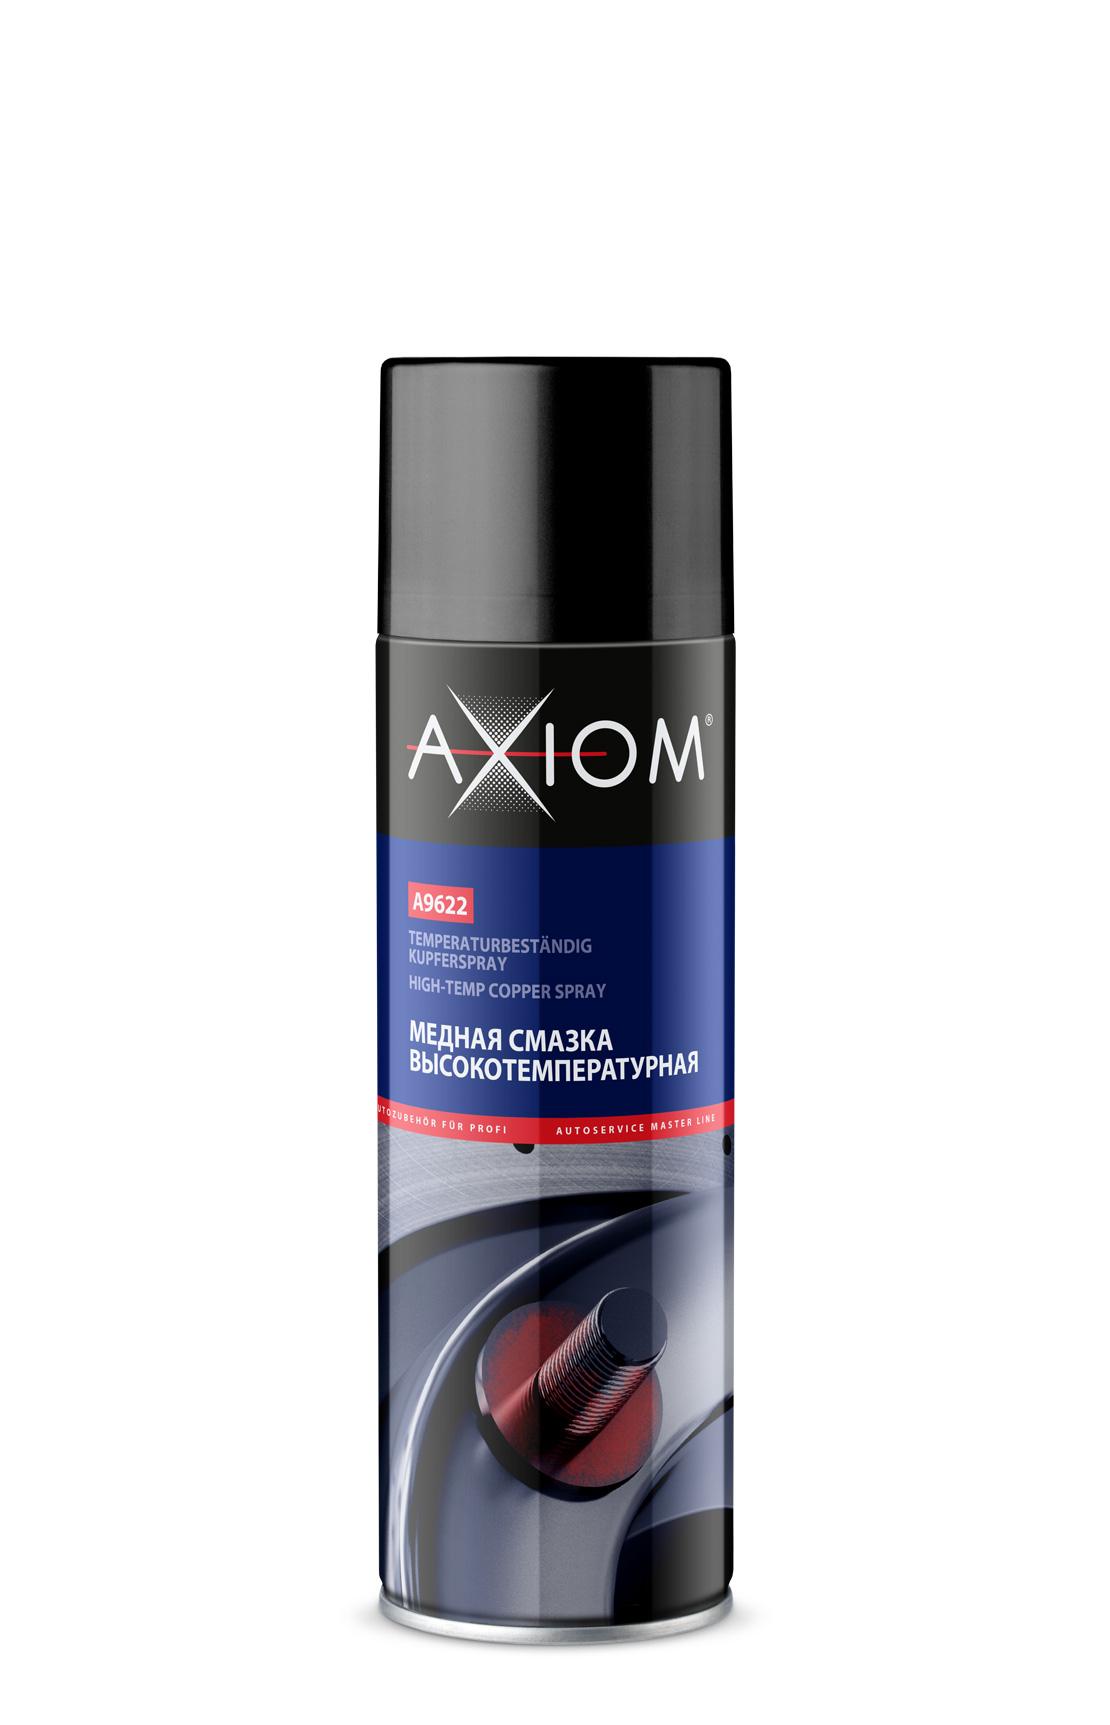 Медная смазка высокотемпературная AXIOM